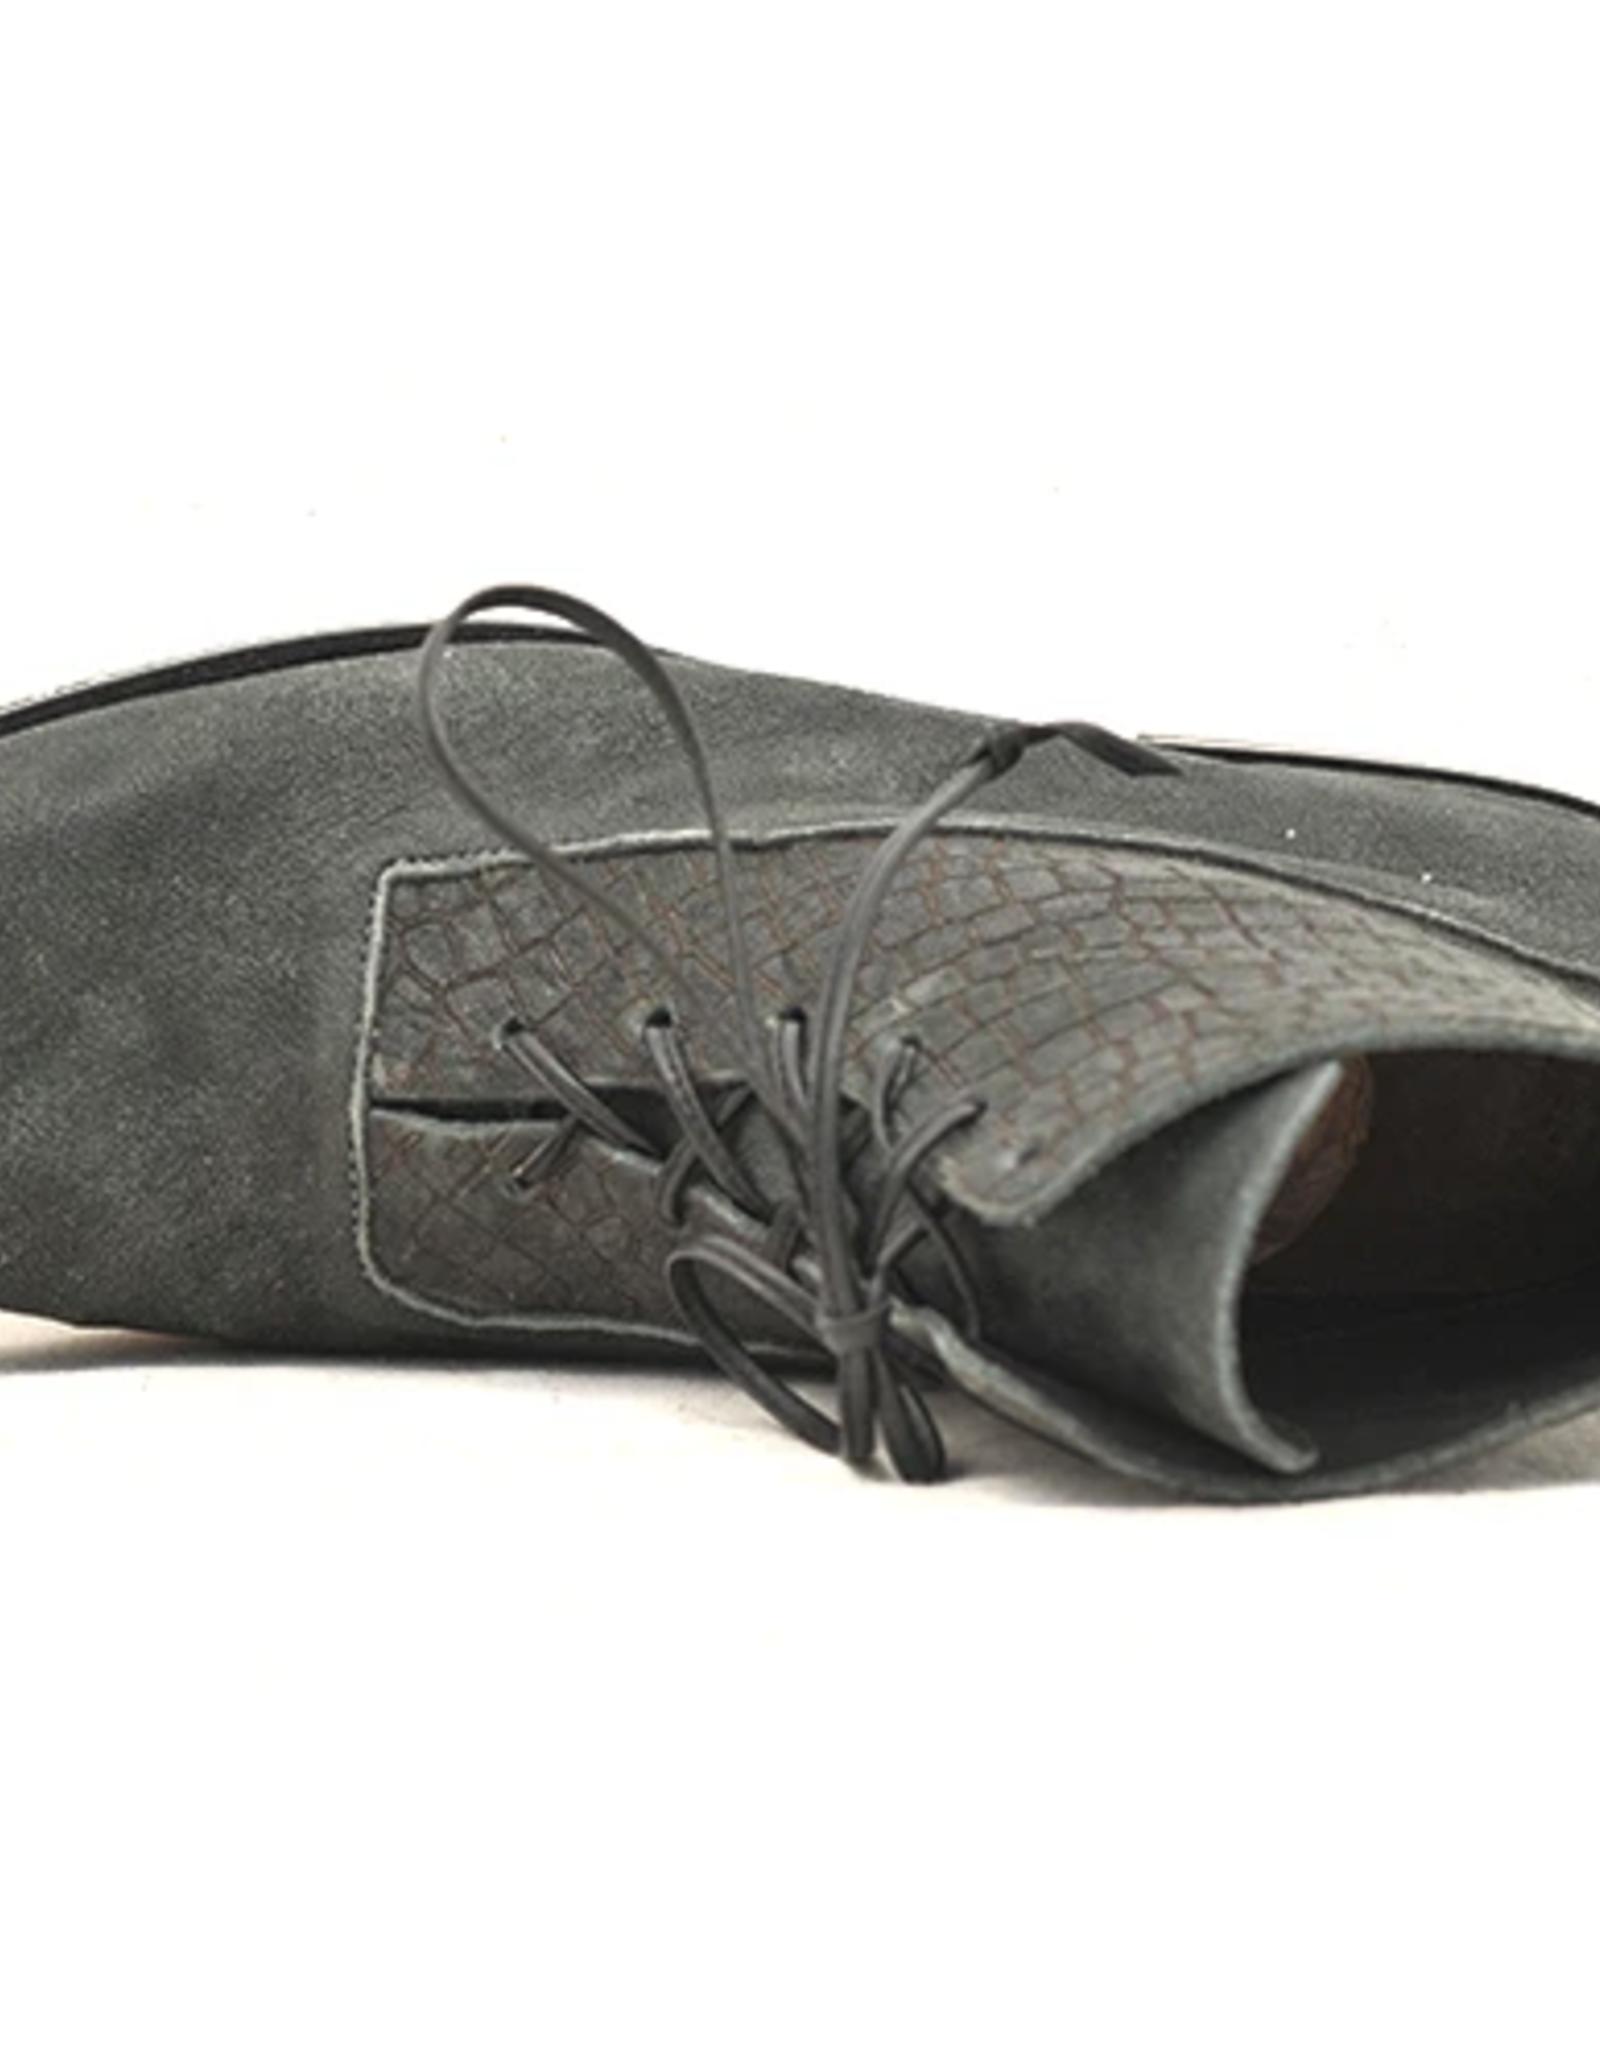 Cydwoq Cydwoq  Command Boot - Deep Charcoal Grey